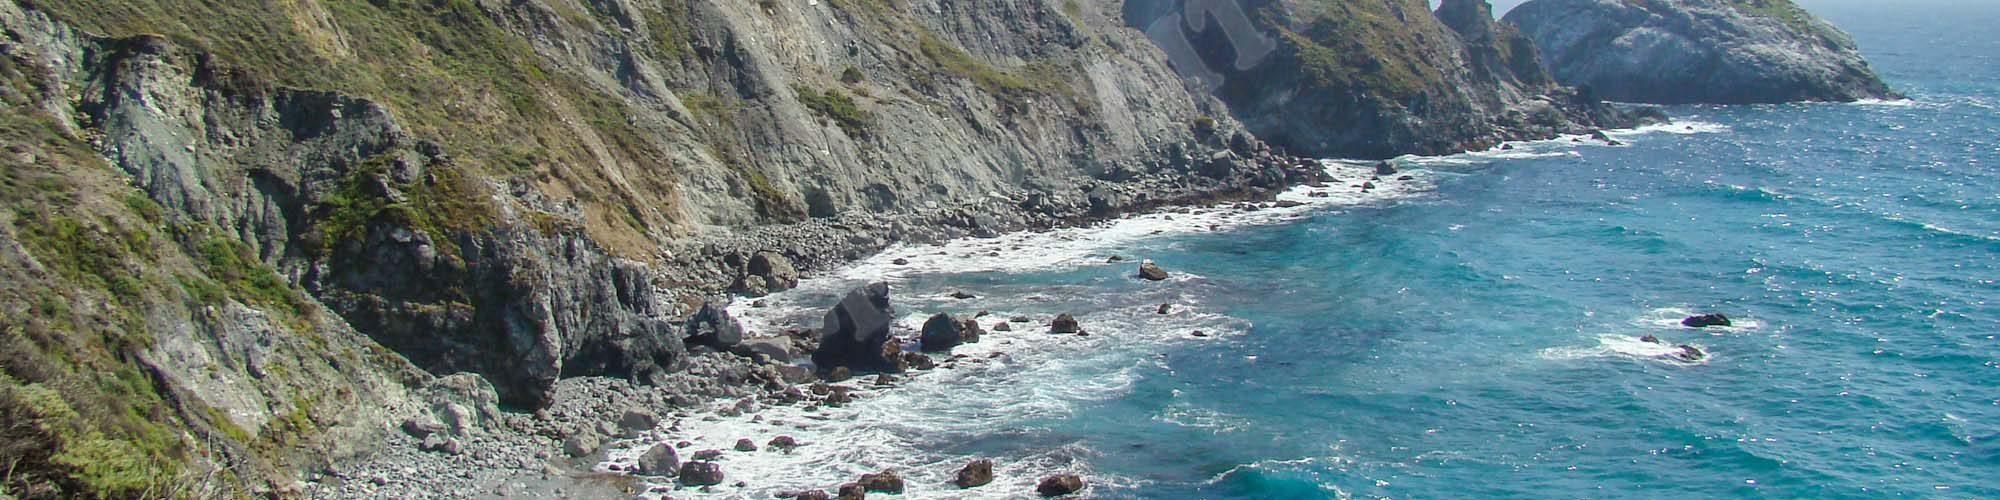 USA westcoast Sierra Nevada